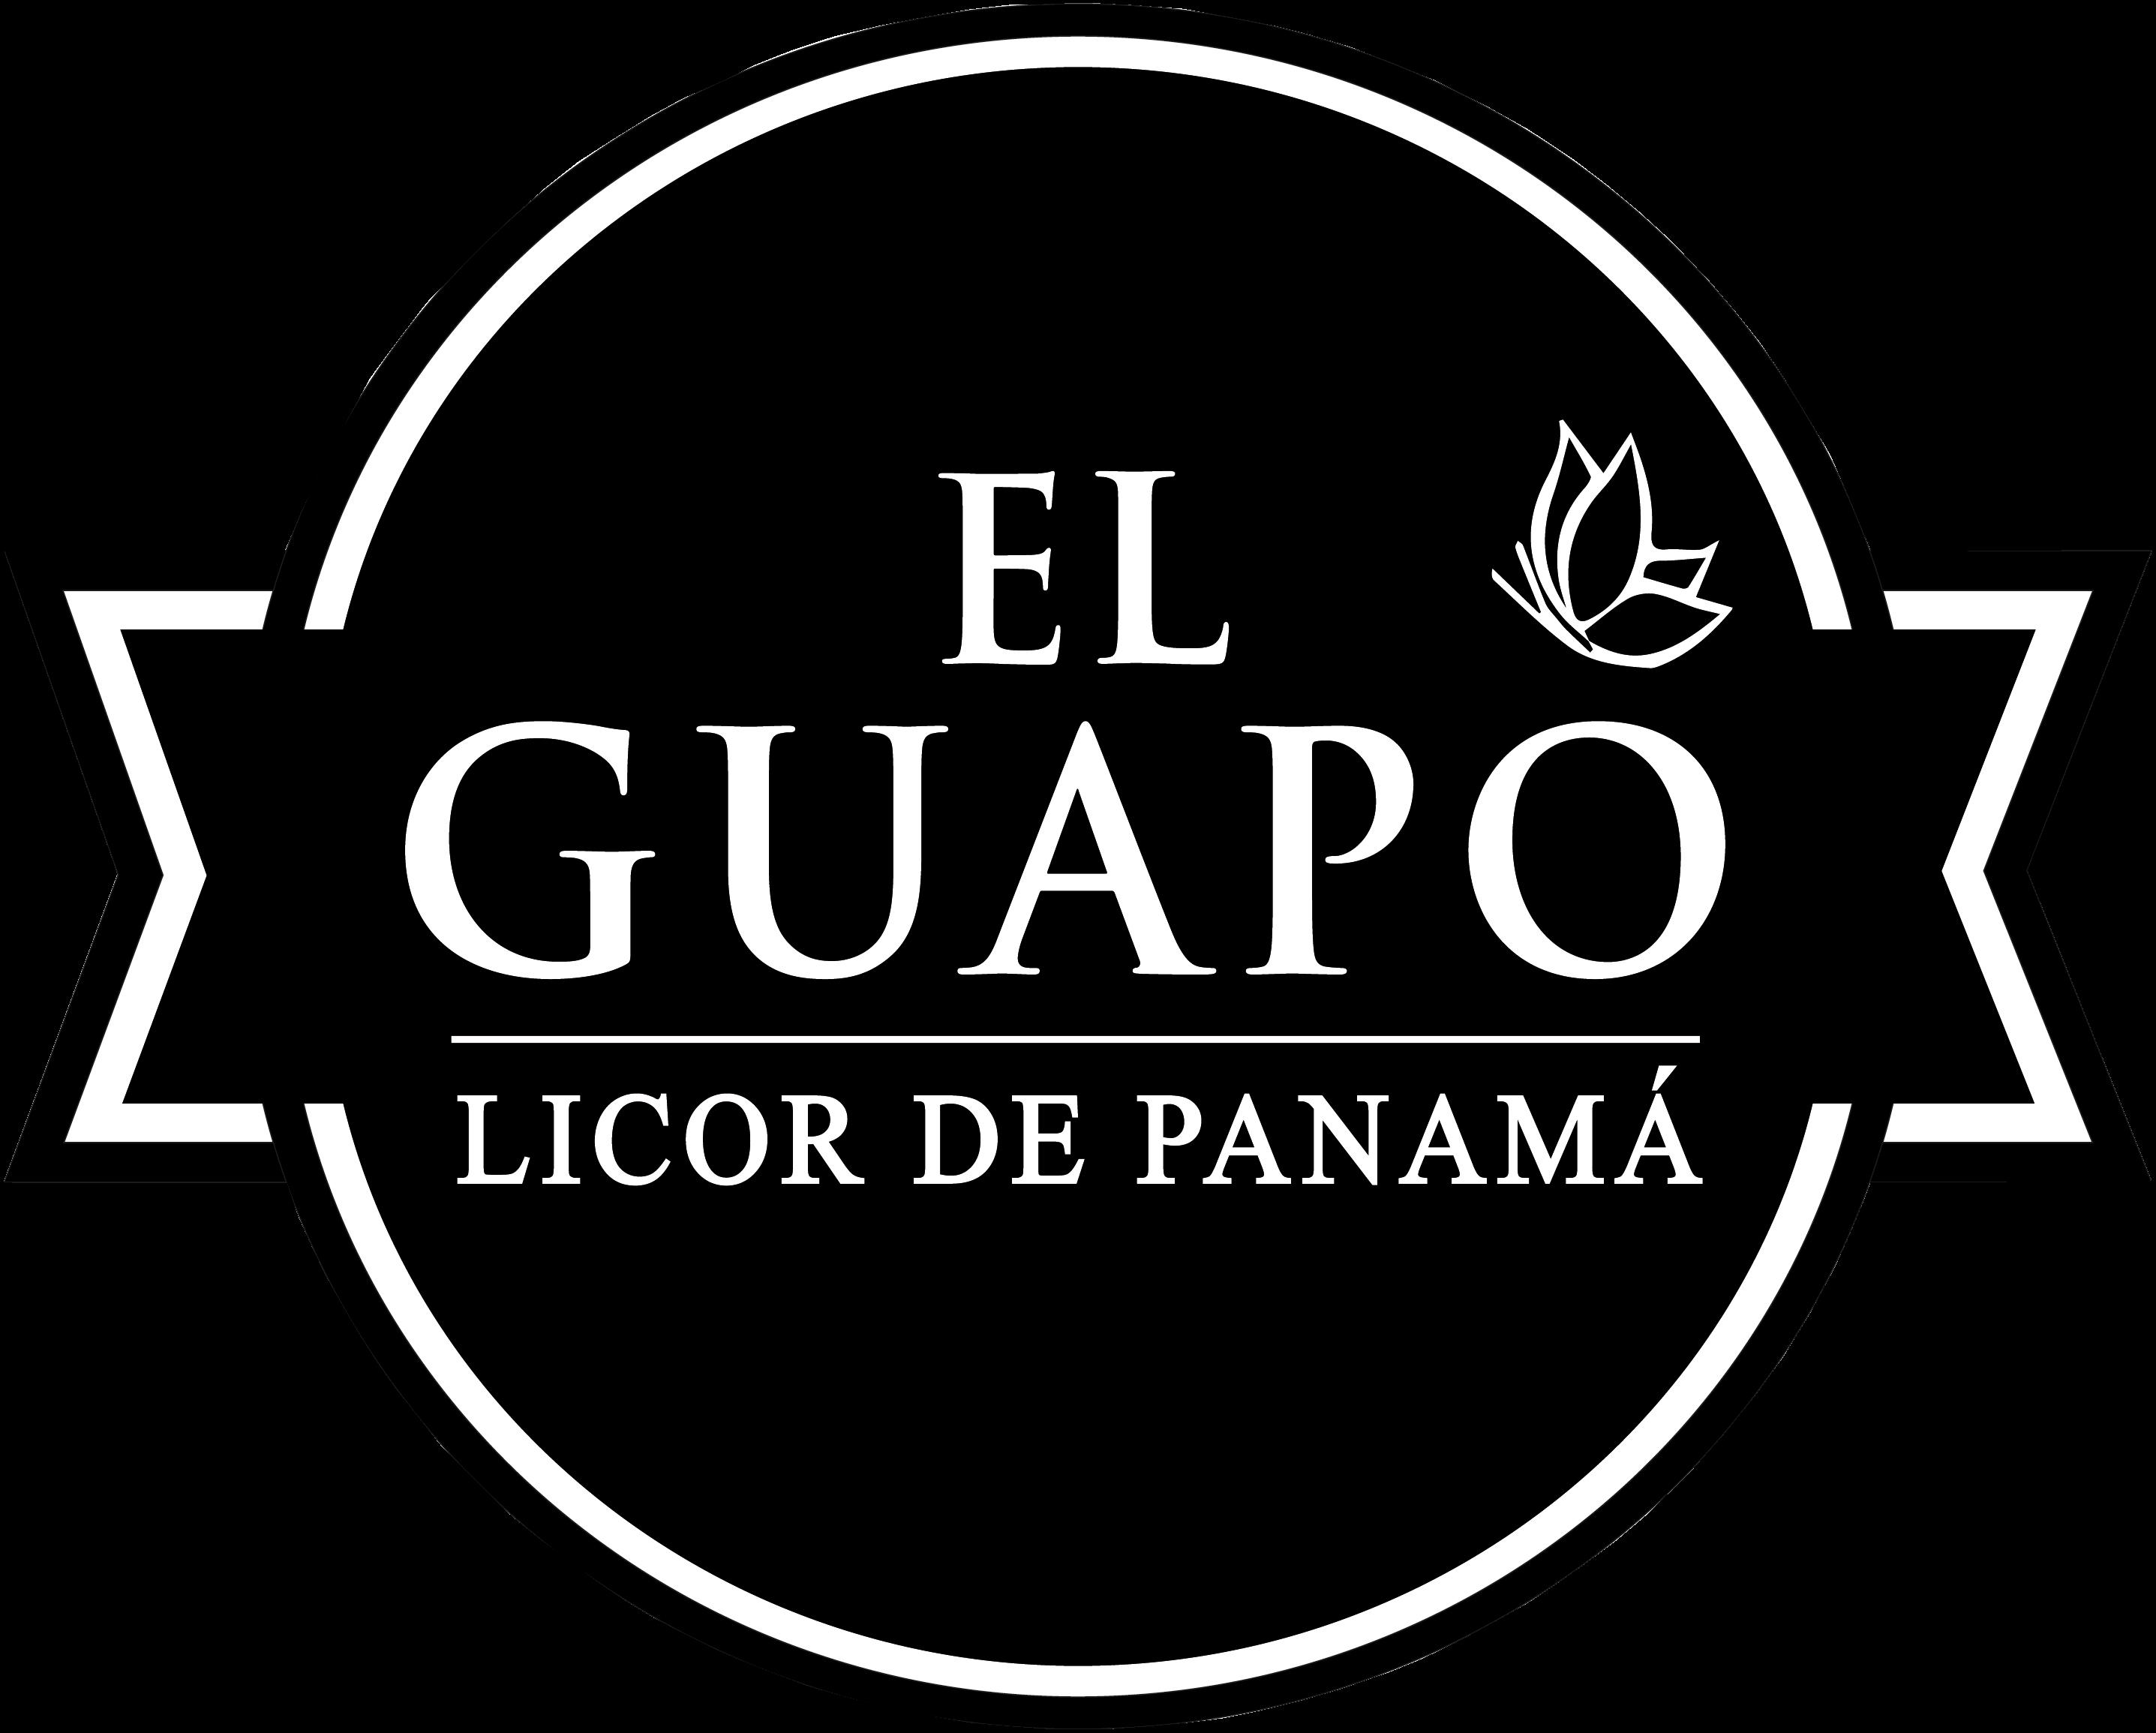 El Guapo - Licores de Panamá